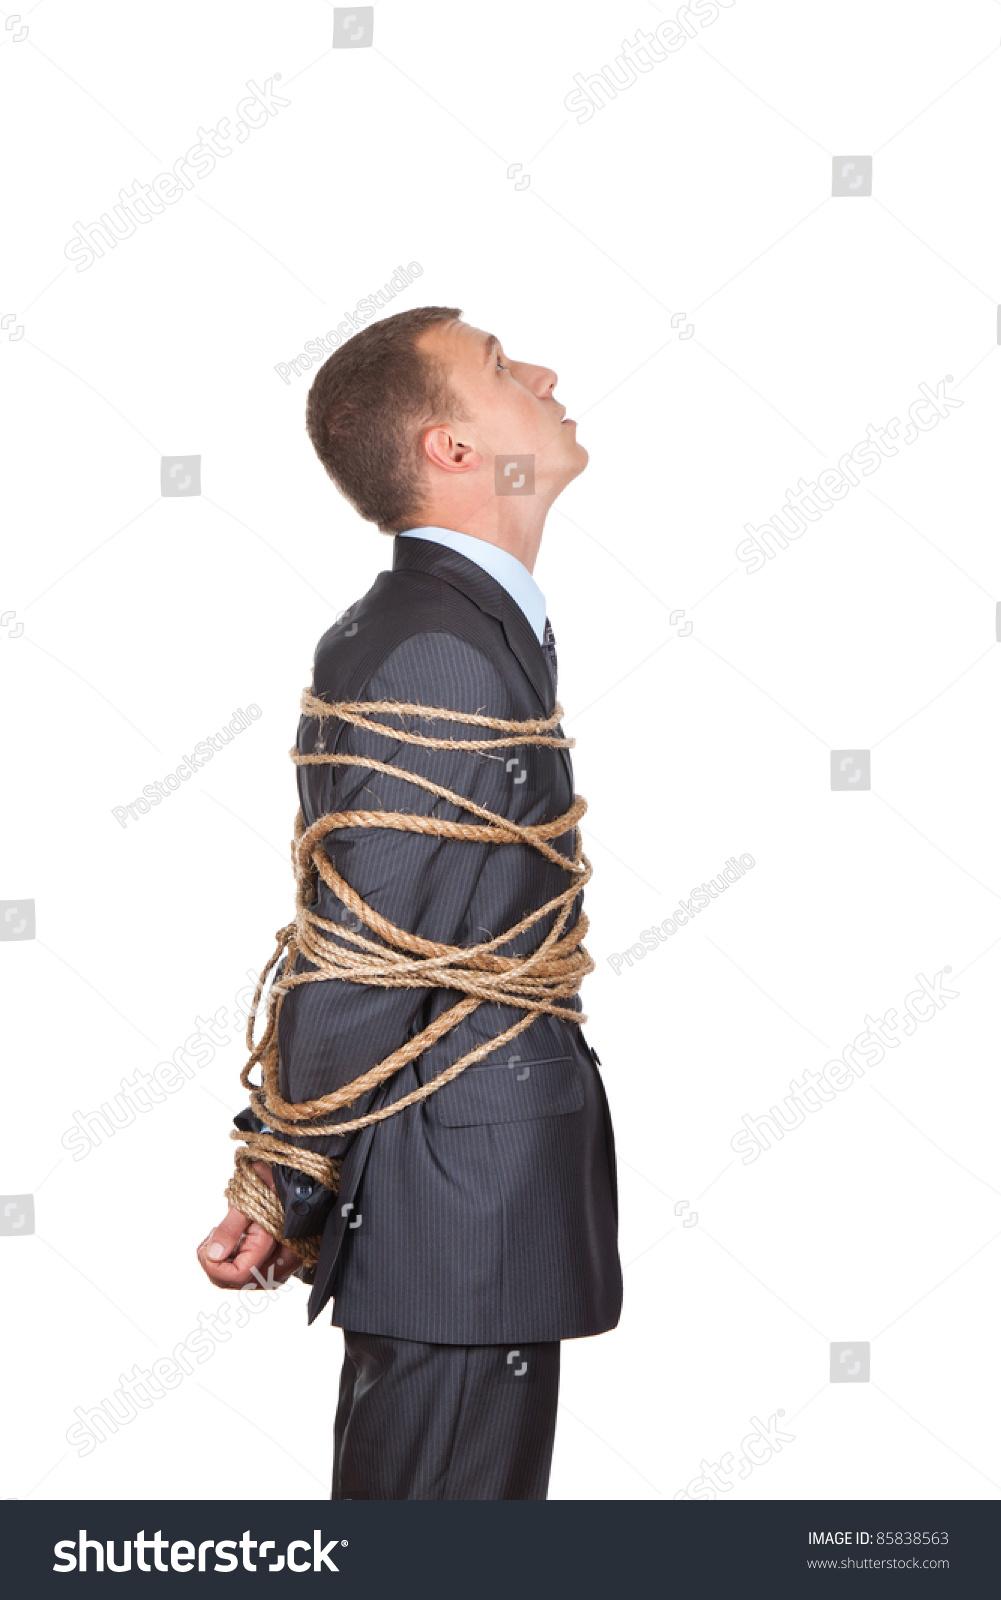 Knot tying instructions bondage slave